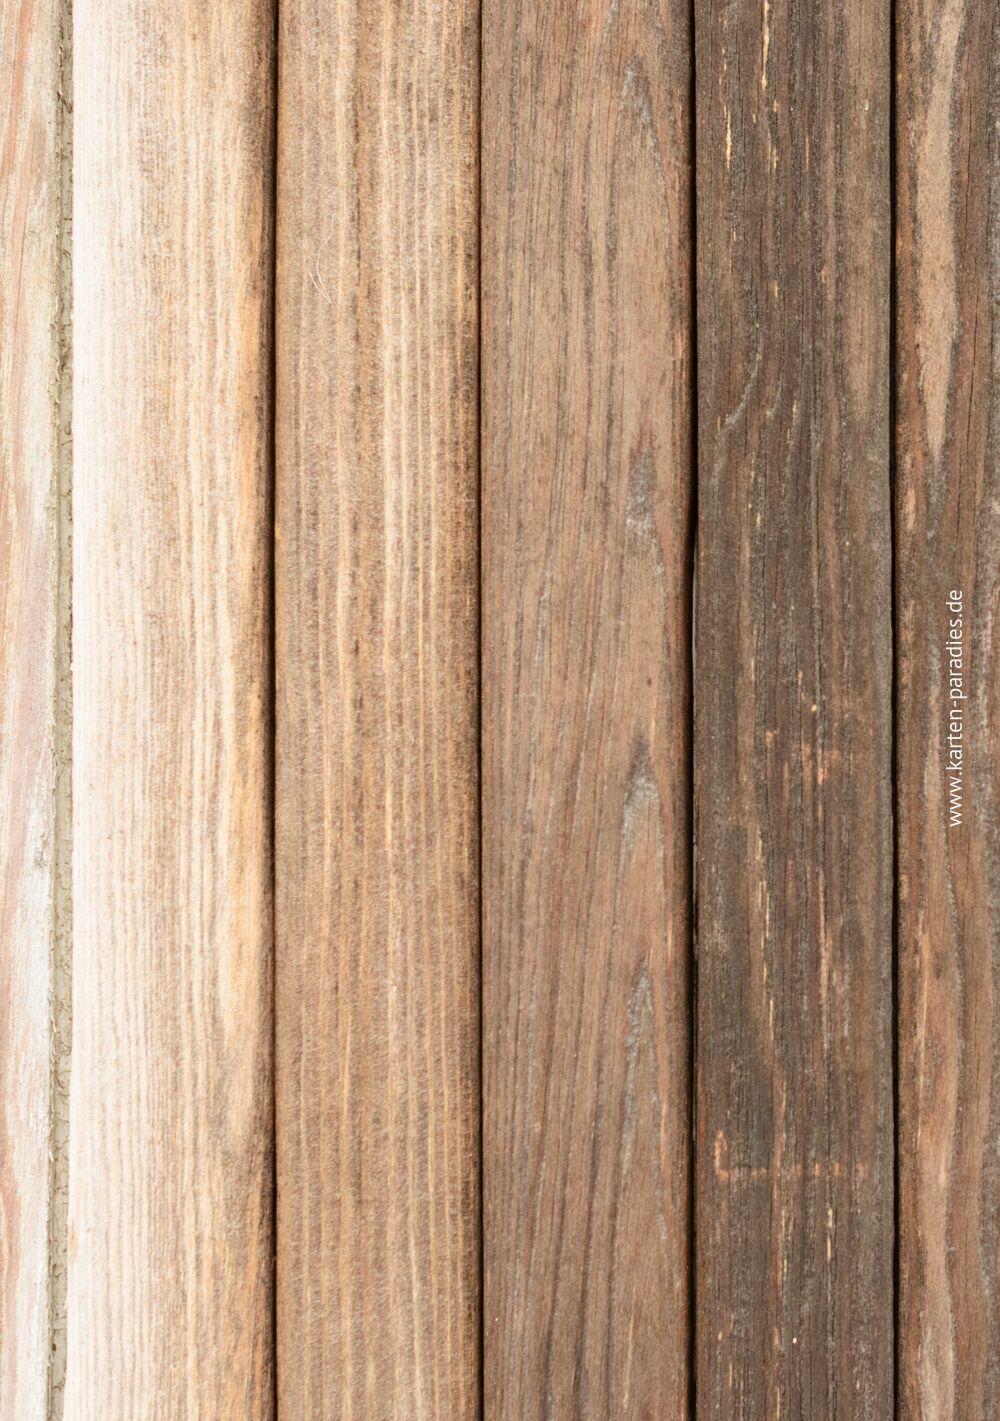 Ansicht 2 - Hochzeit Einladung Vintage Holz